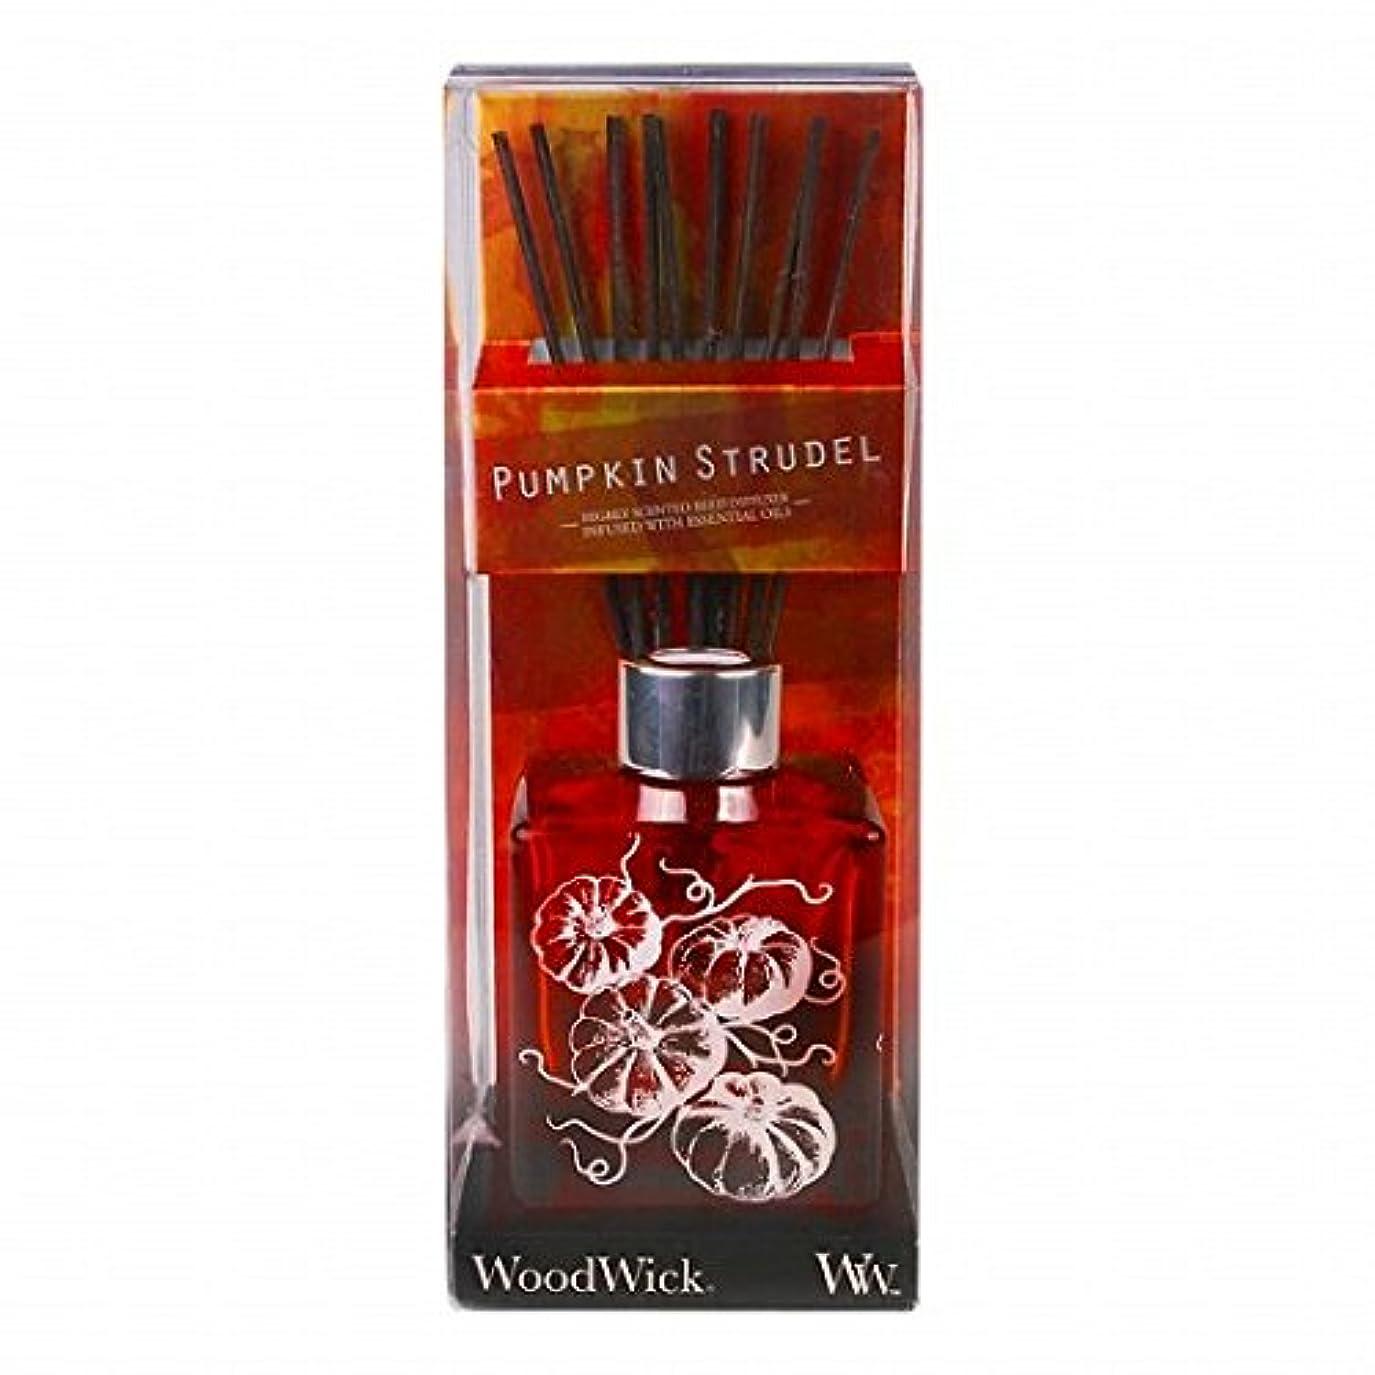 防衛火山の残基WoodWick(ウッドウィック) Wood Wickダンシンググラスリードディフューザー 「 シュトルーデル 」 ディフューザー 68x68x105mm (W9540508)